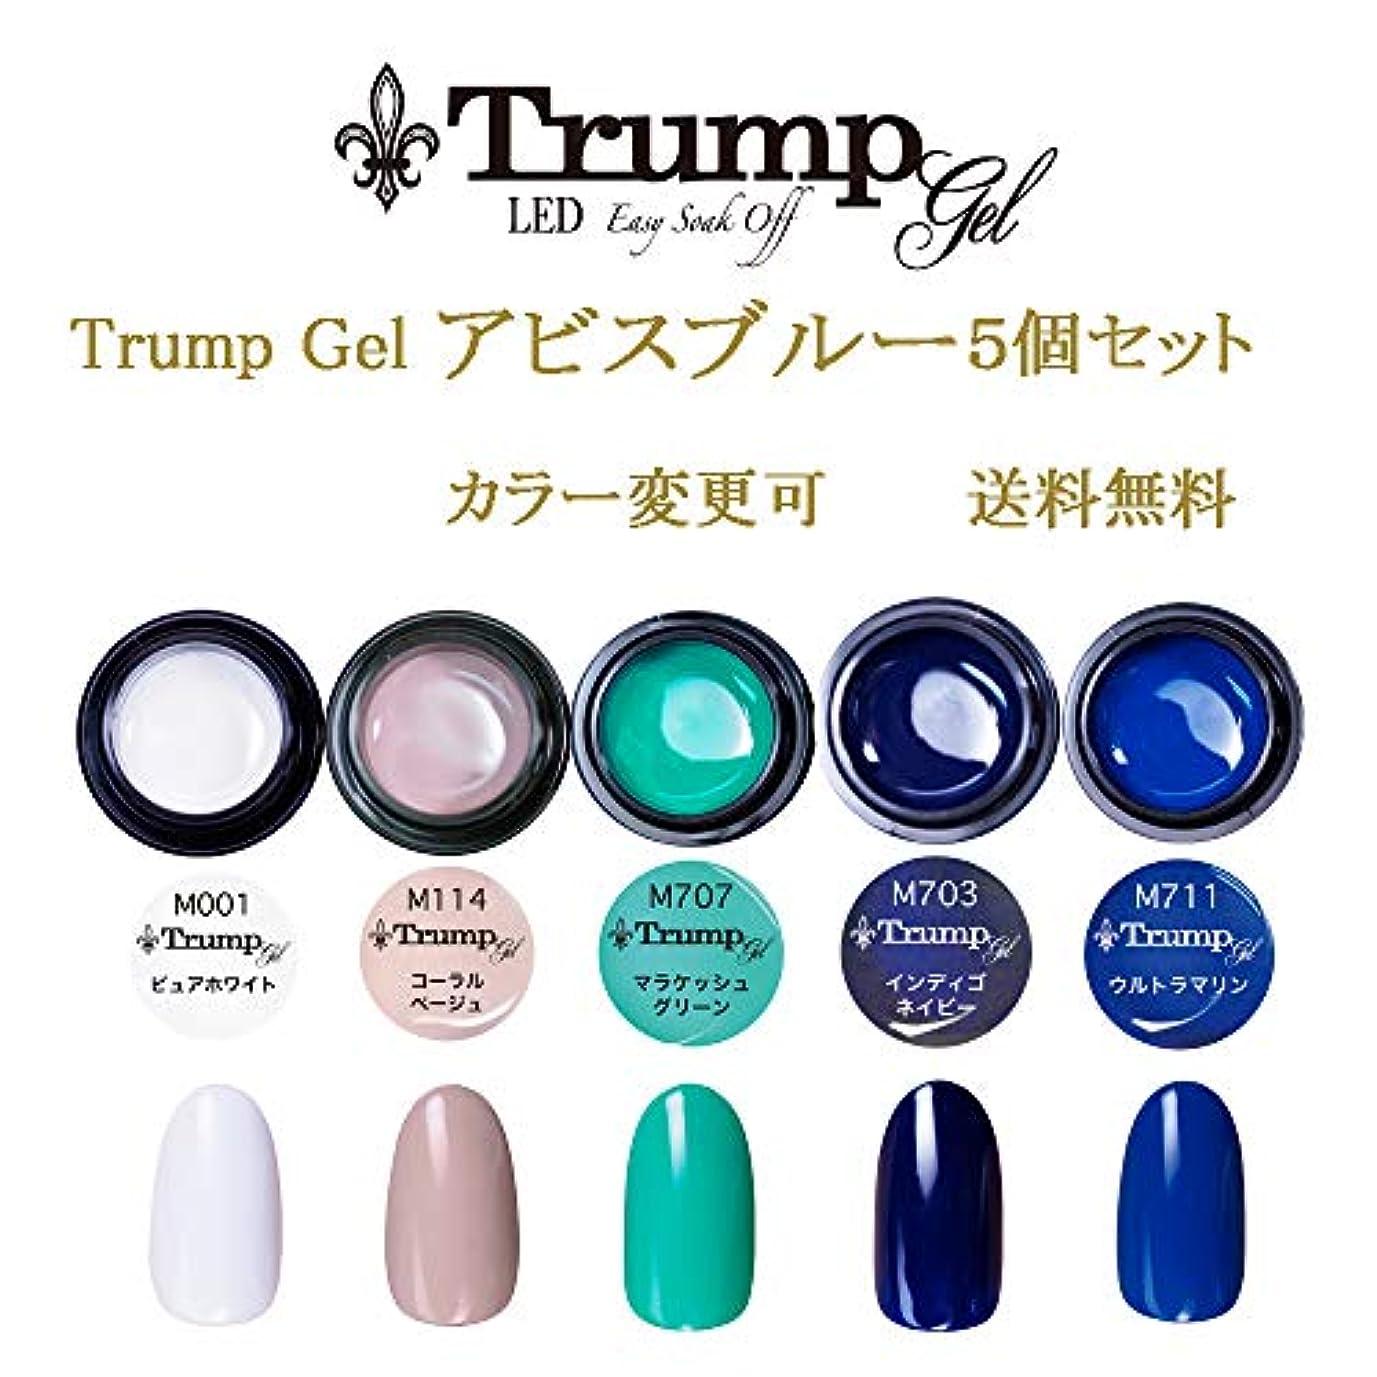 ブラウザビリーヤギマーカー日本製 Trump gel トランプジェル アビスブルーカラー 選べる カラージェル 5個セット ブルー ベージュ ターコイズ